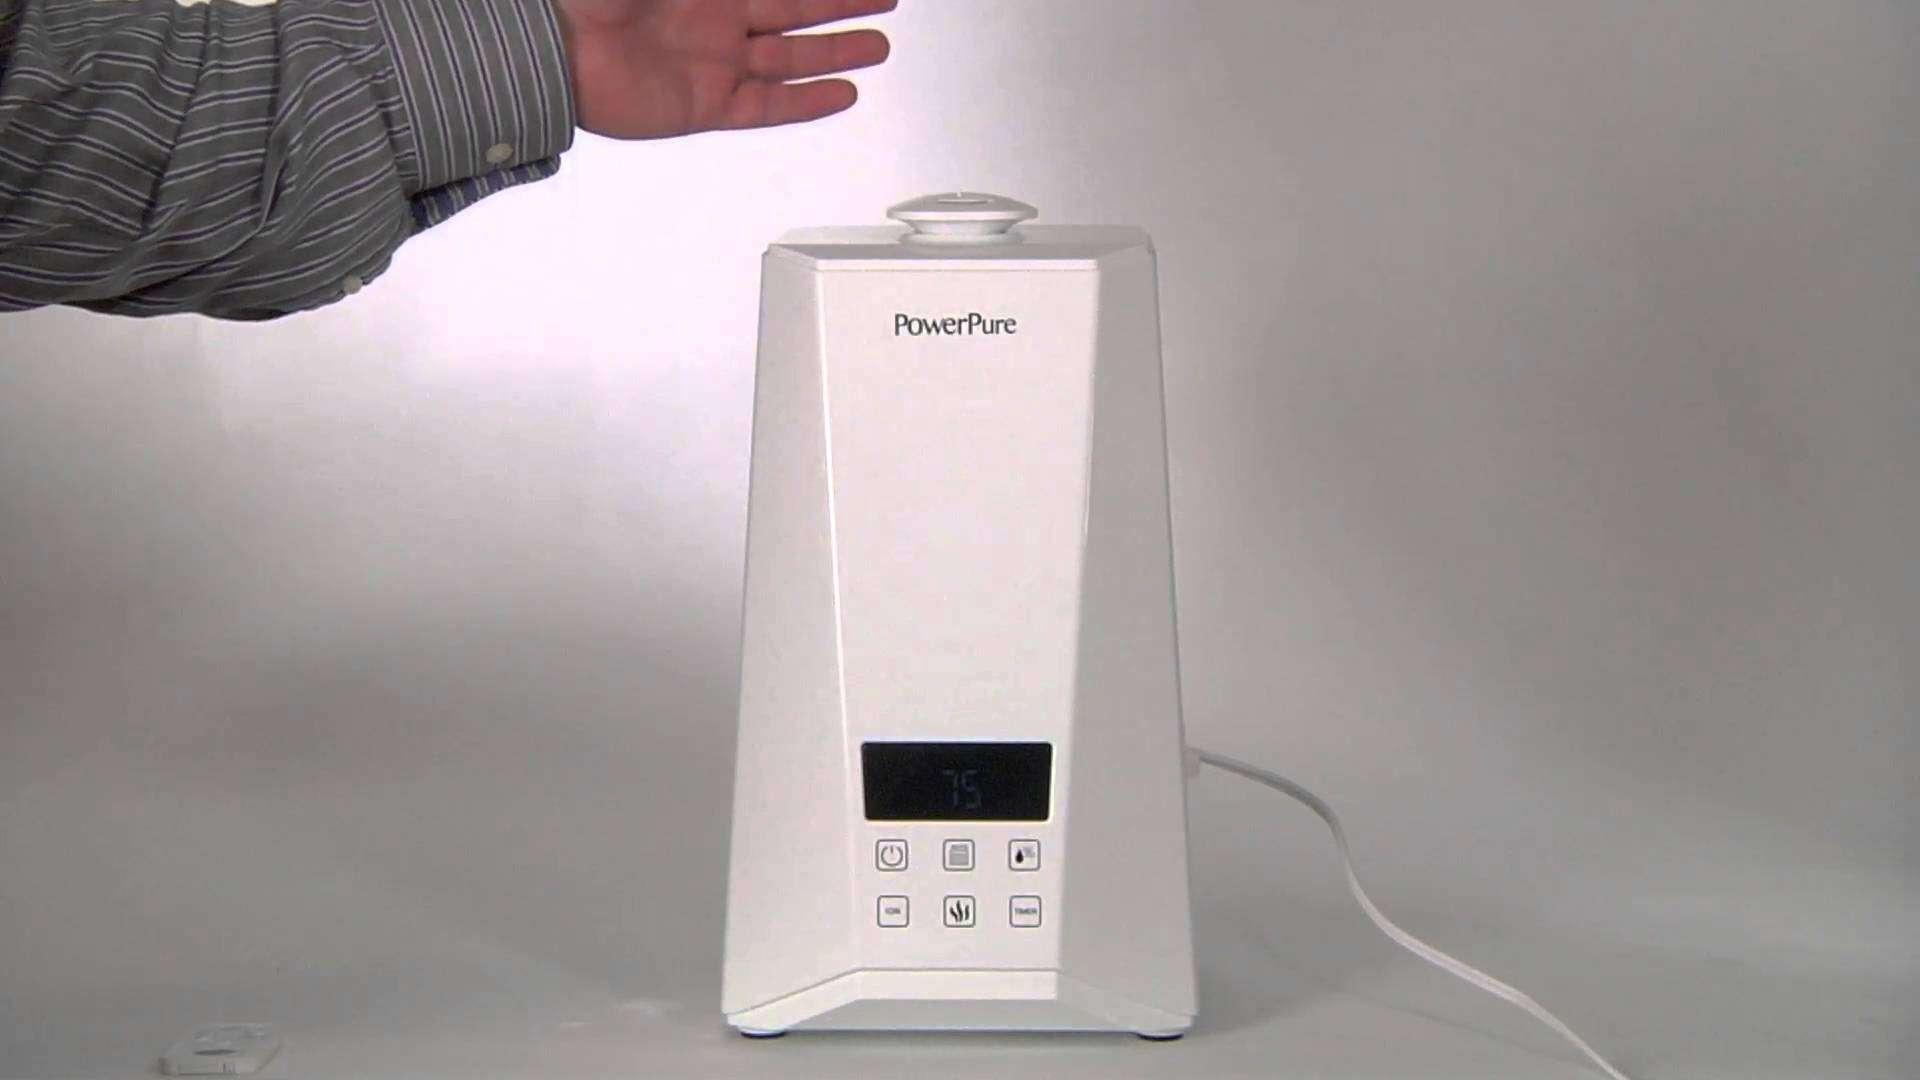 PowerPure 5000 Warm and Cool Mist Ultrasonic Humidifier